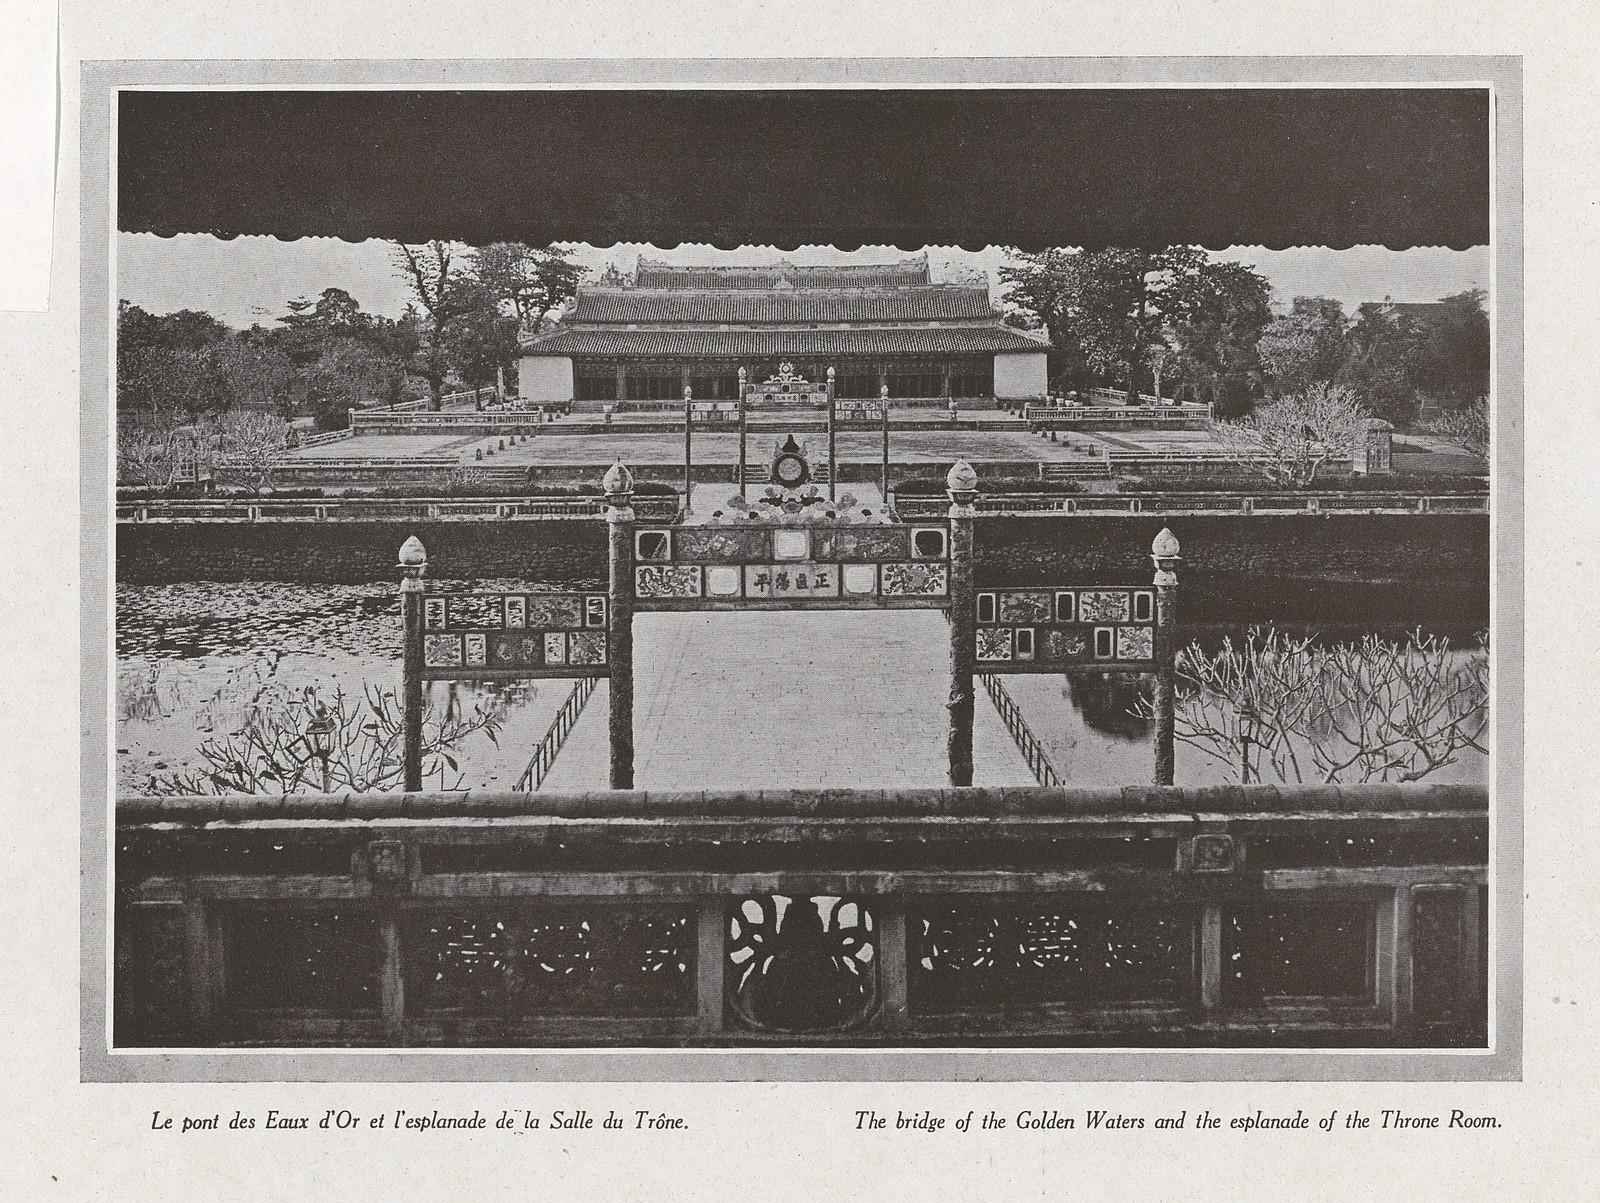 Ảnh cực quý về Hoàng thành Huế năm 1919 Ảnh 2